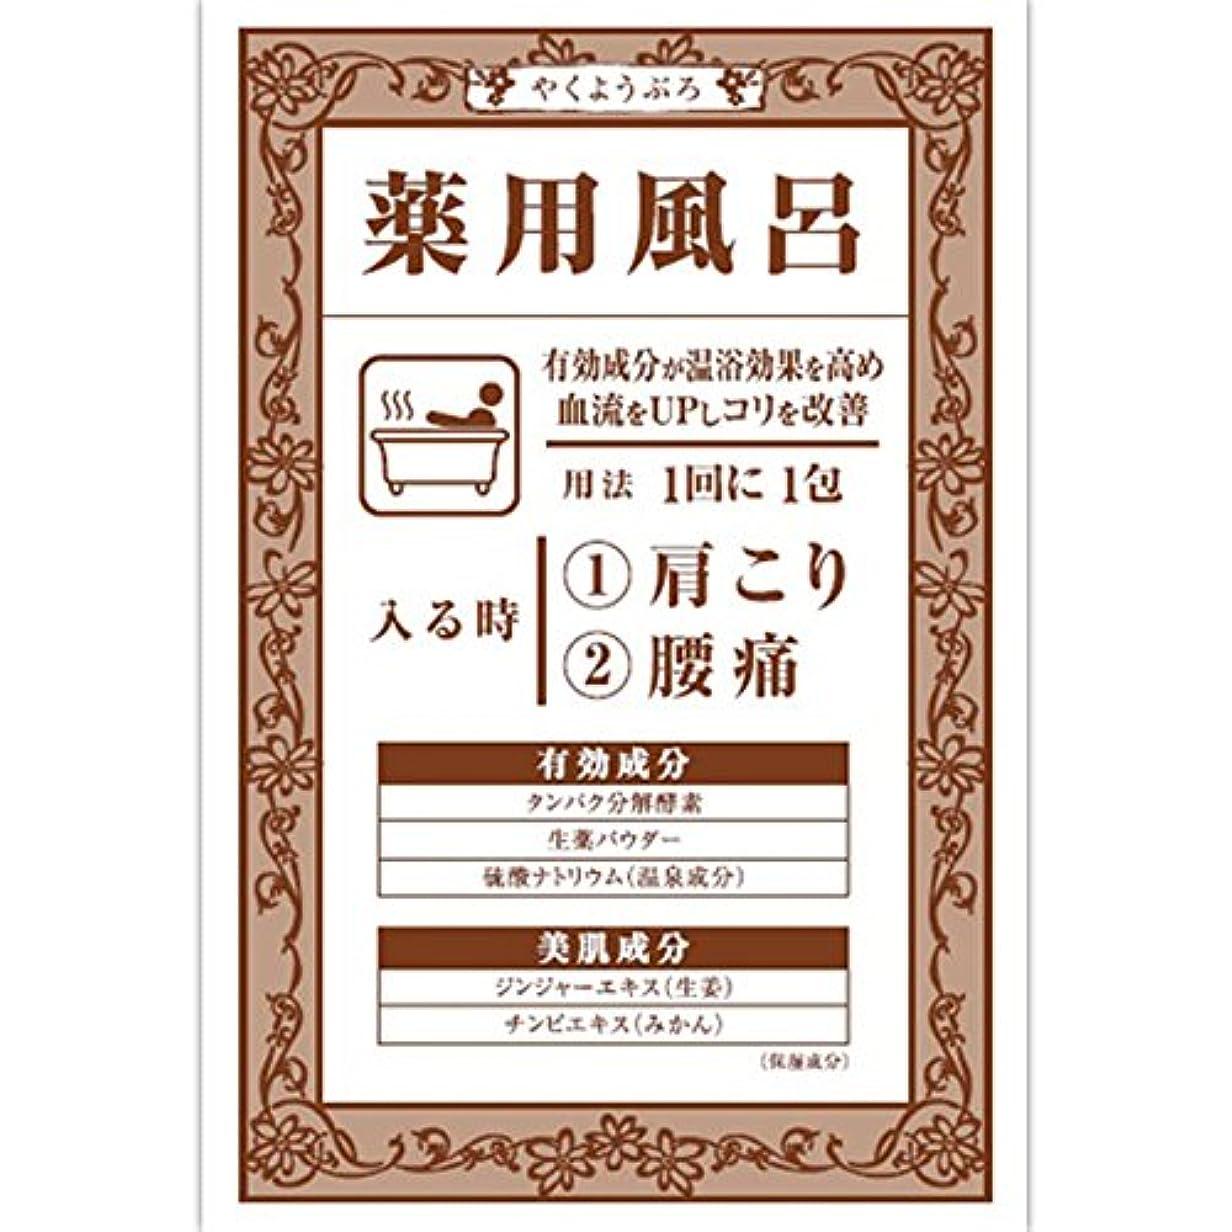 複製する虹ハーネス大山 薬用風呂KKa(肩こり?腰痛) 40G(医薬部外品)